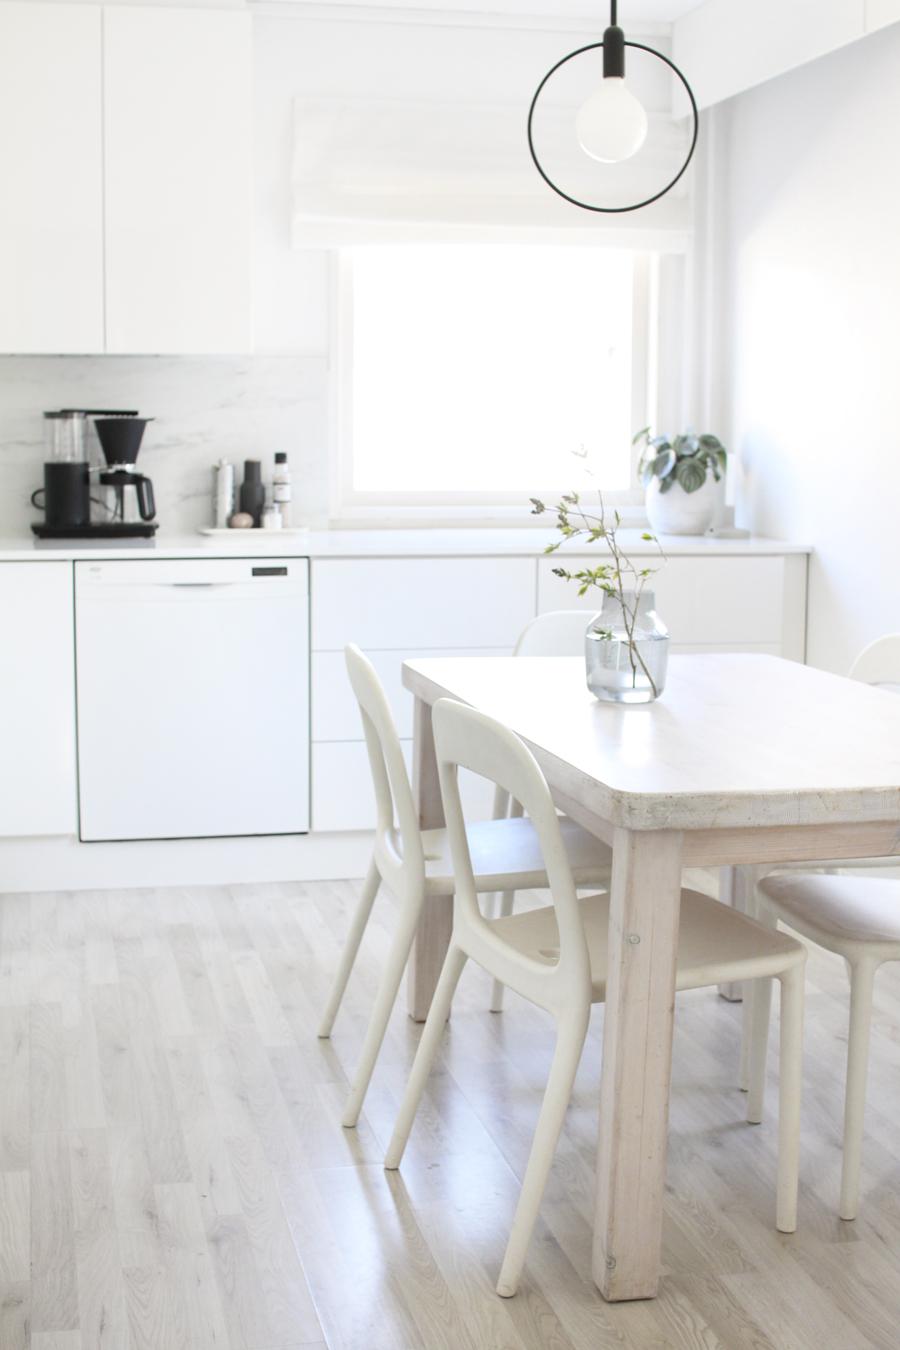 valkoinen vetimetön keittiö